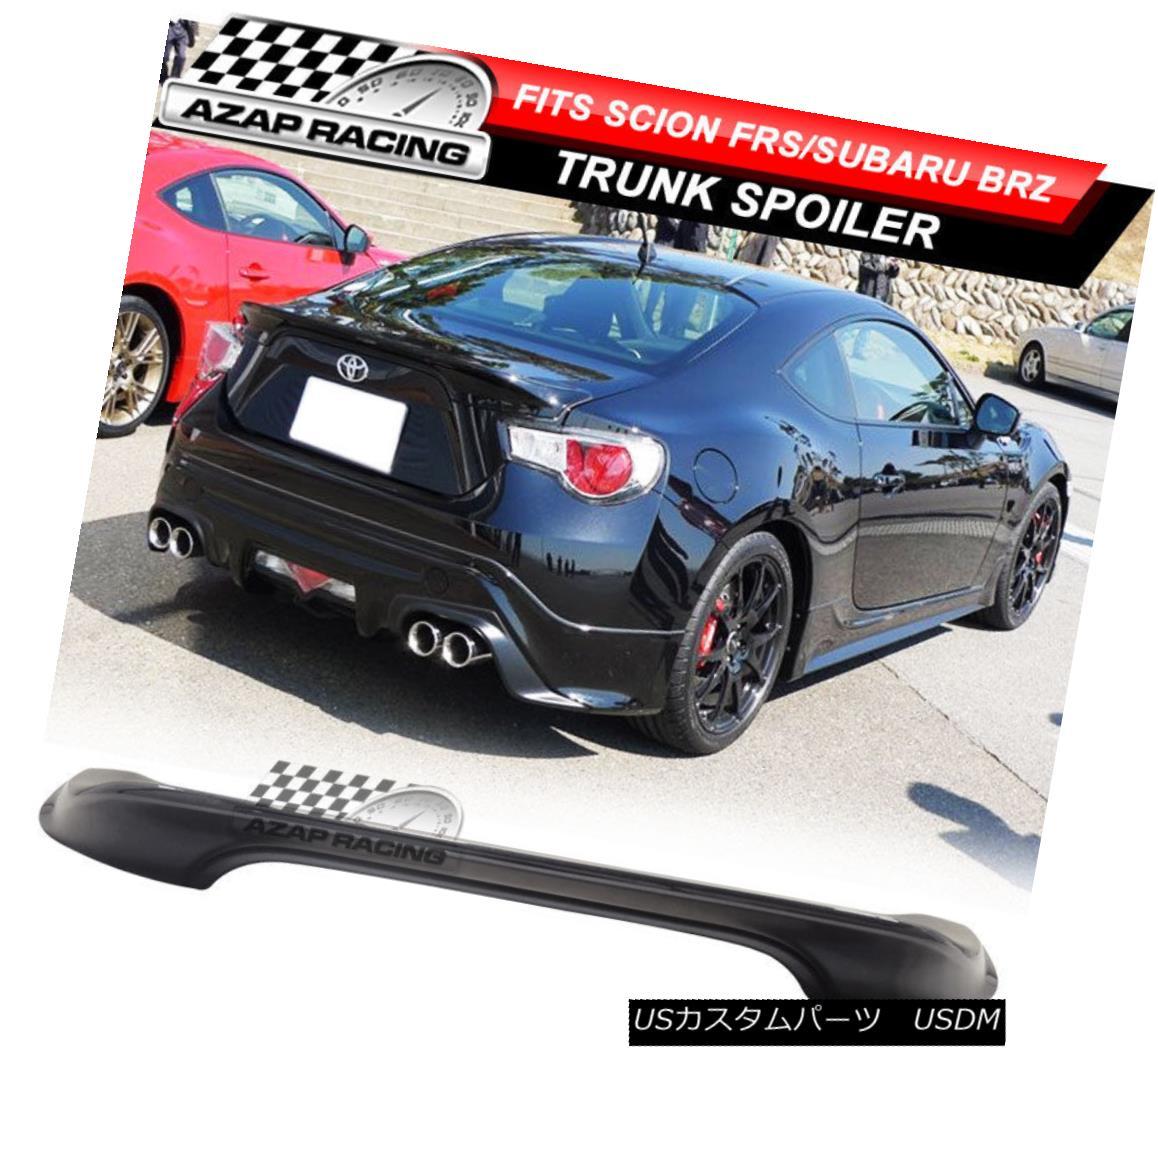 エアロパーツ 13-16 Painted Dark Gray ABS TR Rear Trunk Spoiler Wing Fits Scion FRS Subaru BRZ 13-16塗装ダークグレーABS TRリアタンクスポイラーウイングはサイオンFRSスバルBRZにフィット